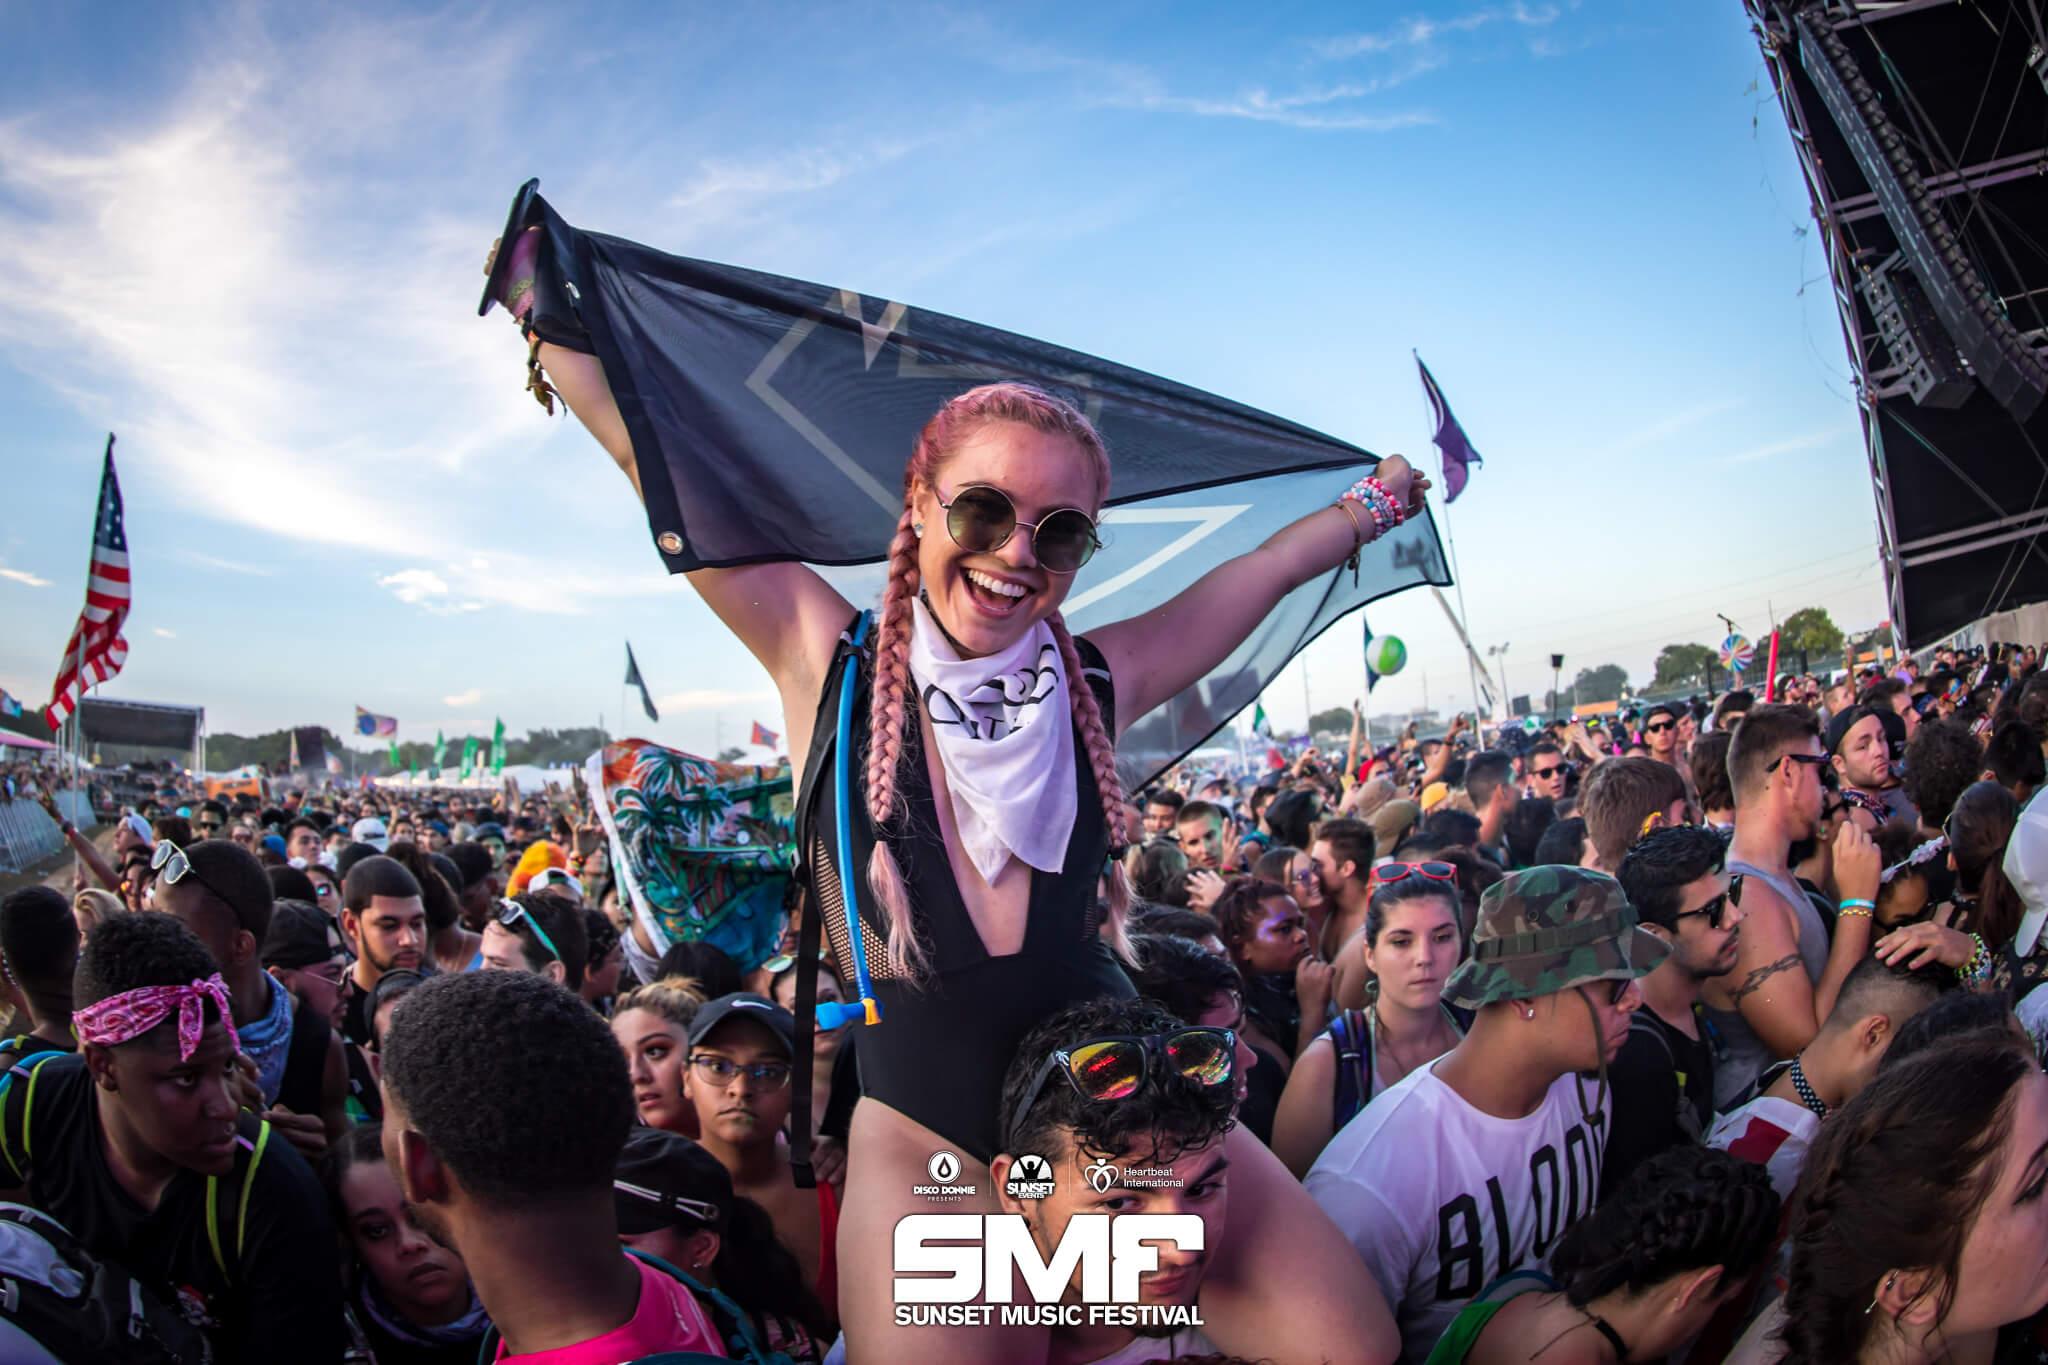 holding her flag high